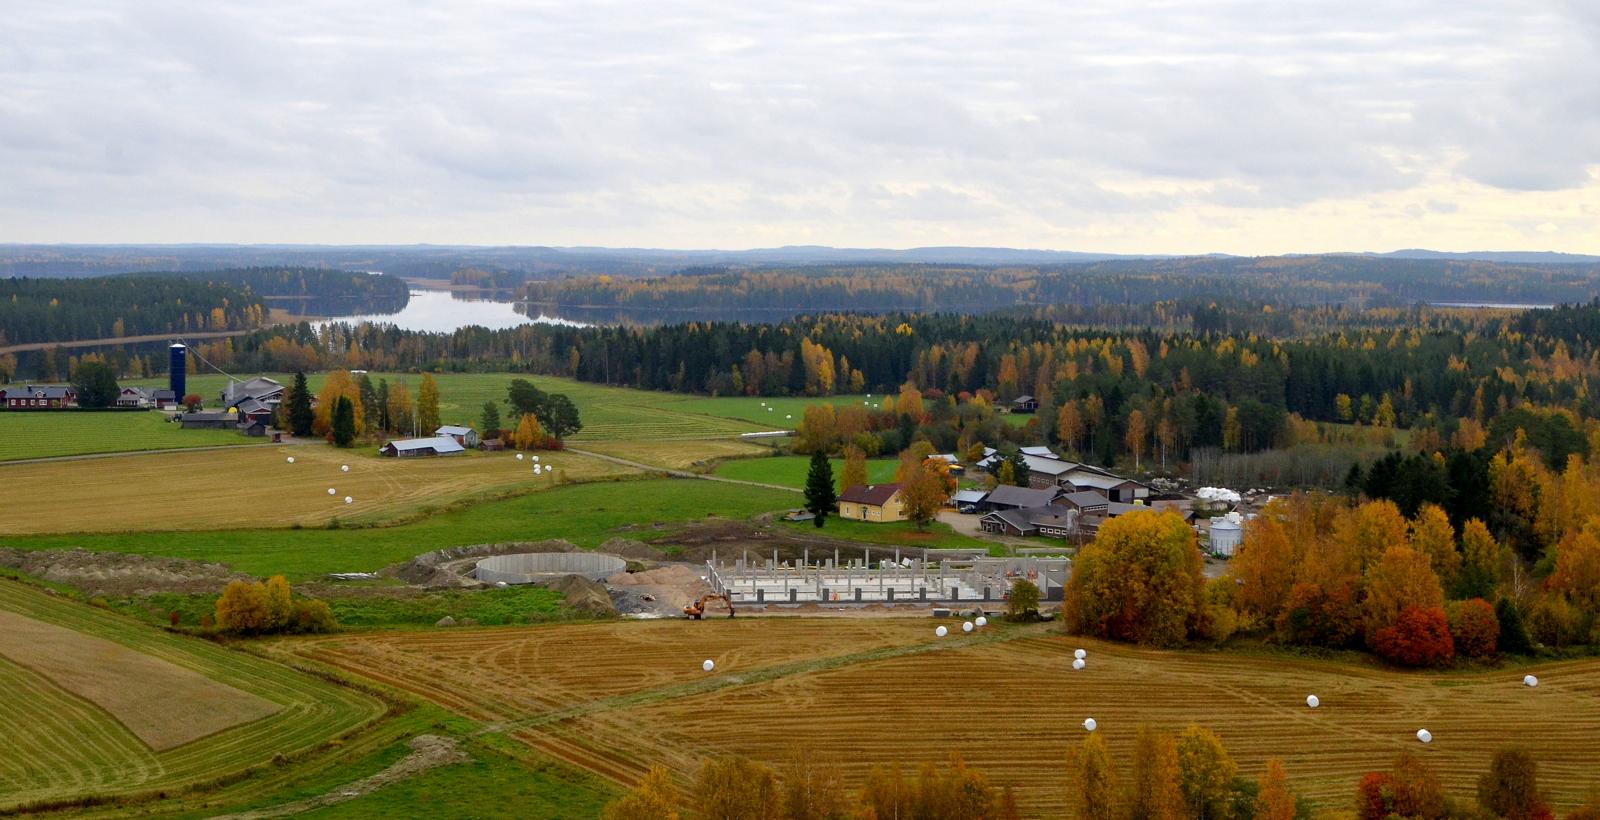 1.10.2020 Paanalan uuden navetan rakentaminen näkyy jo maisemassa.